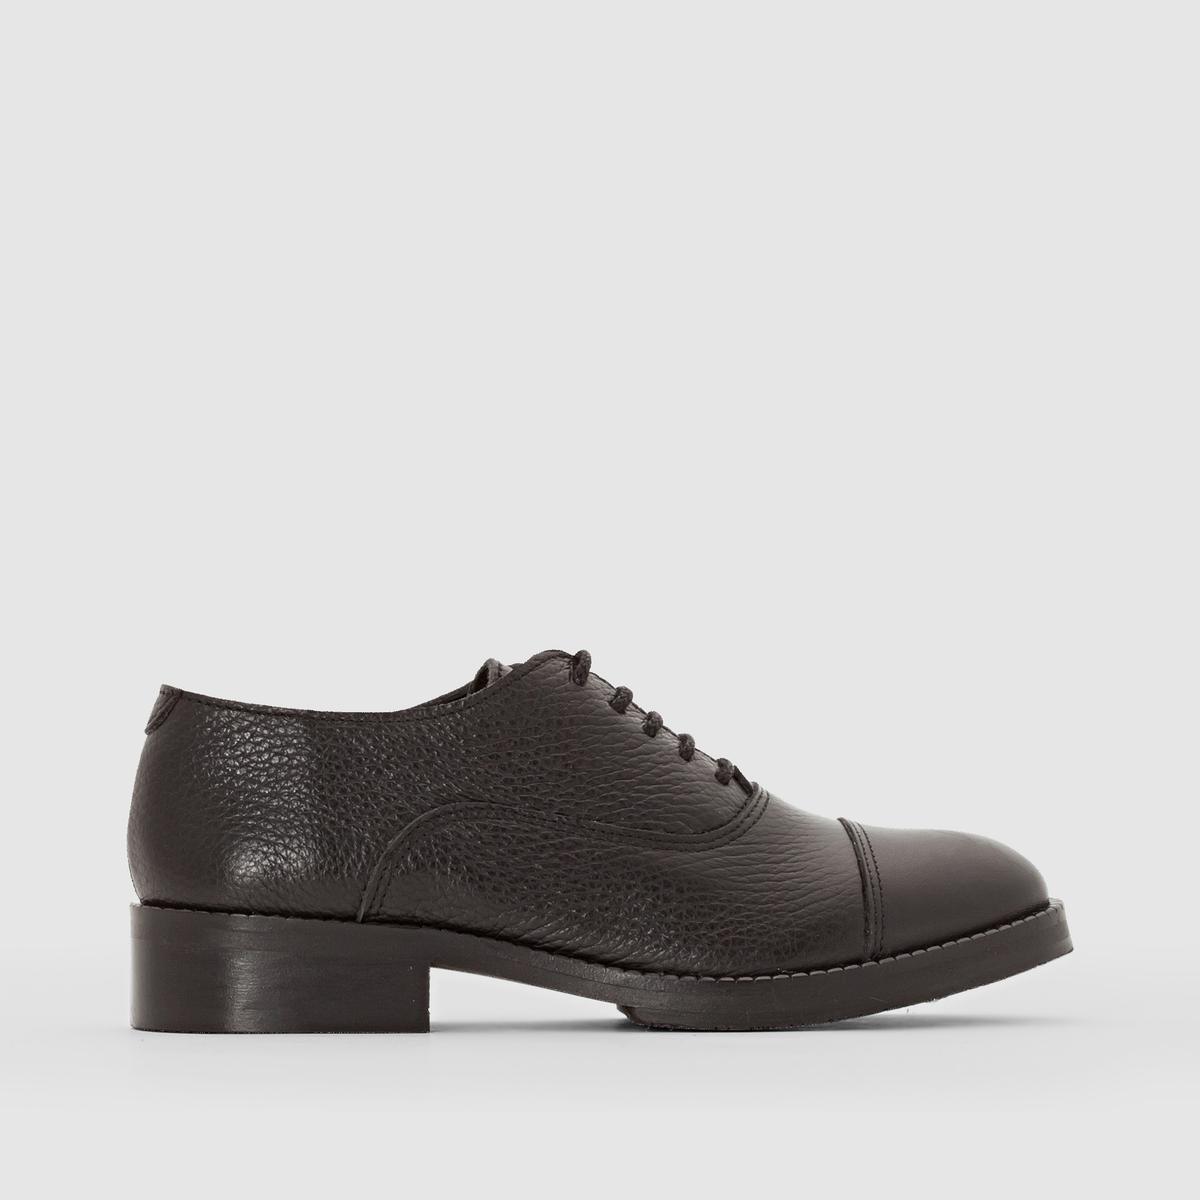 Ботинки-дерби блестящие GEMMAПодкладка : кожа          Стелька  : кожа          Подошва : Каучук.   Форма каблука : плоский каблук         Мысок : закругленный          Застежка : Шнуровка         Преимущества : Марка детской обуви от фирмы JONAK<br><br>Цвет: черный<br>Размер: 33